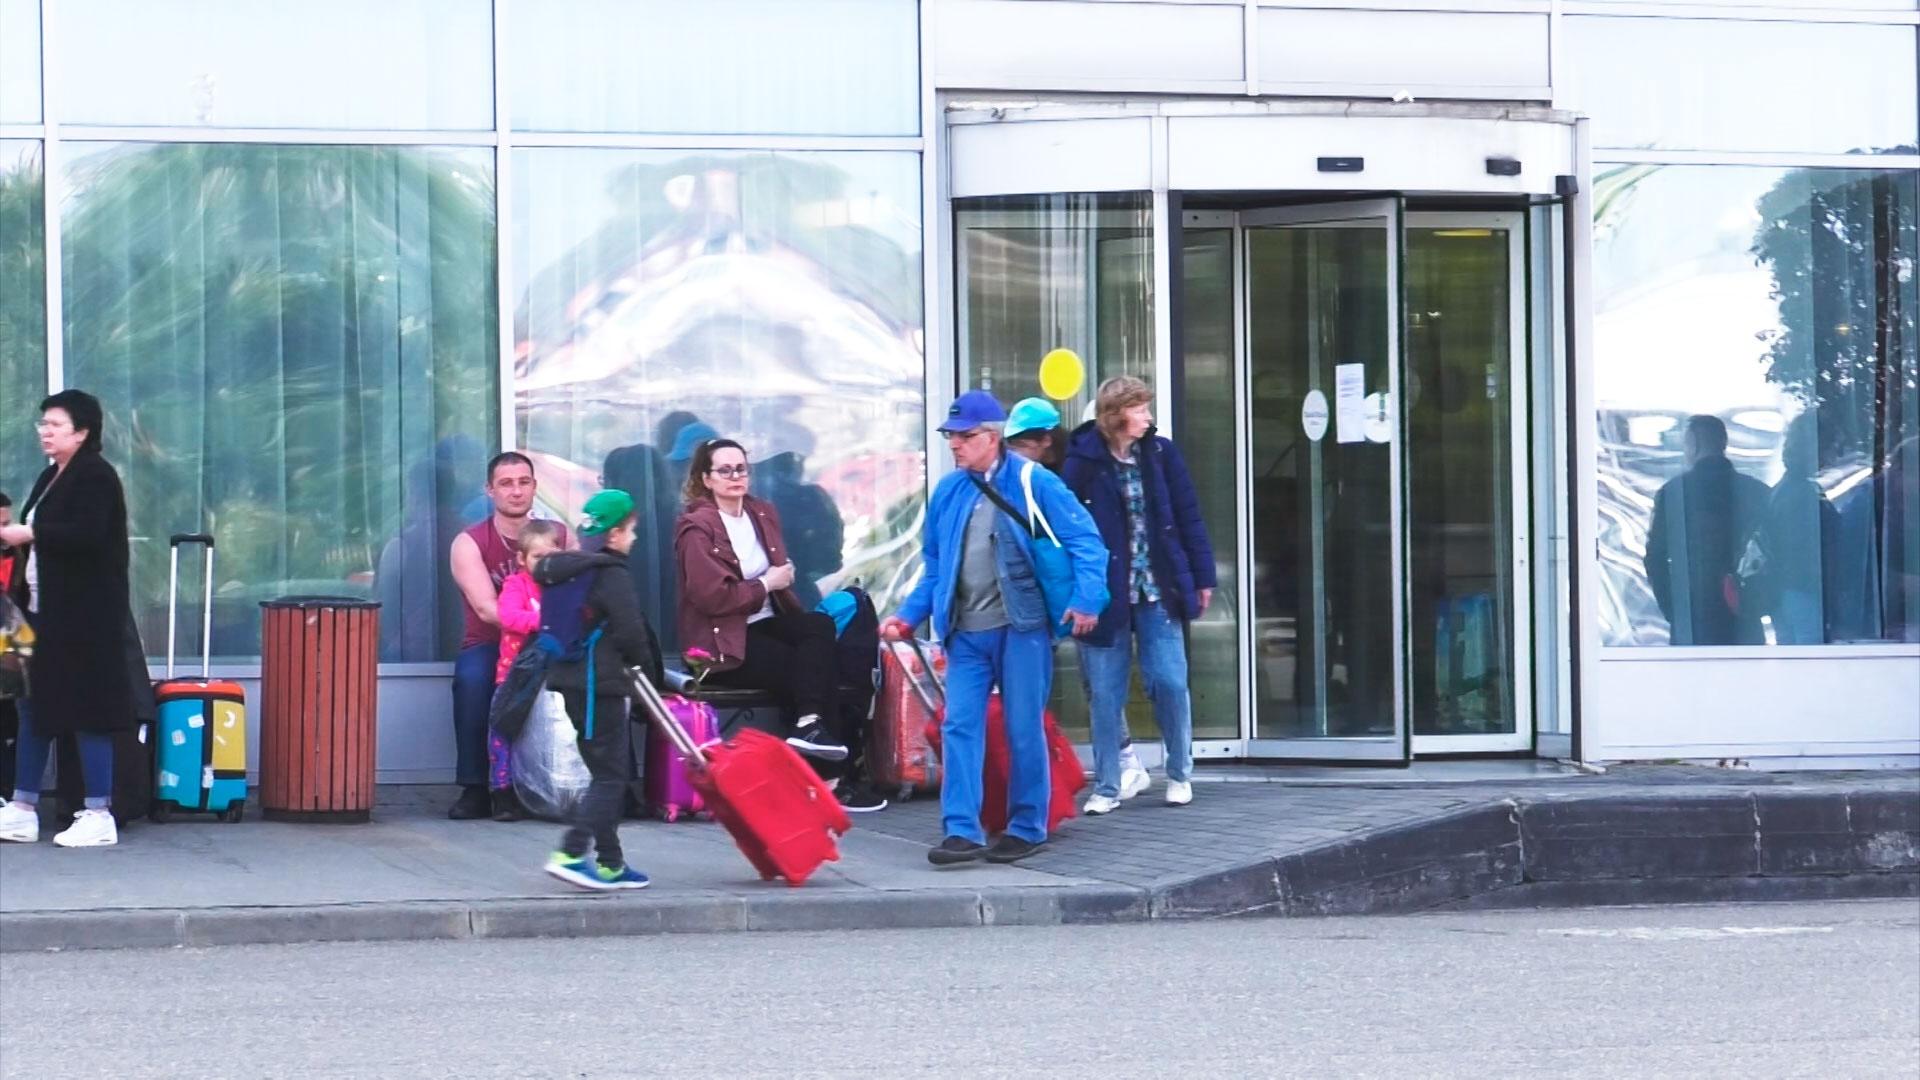 «Обещали не выгонять, но выгнали»: в Сочи туристов начали выселять из отелей